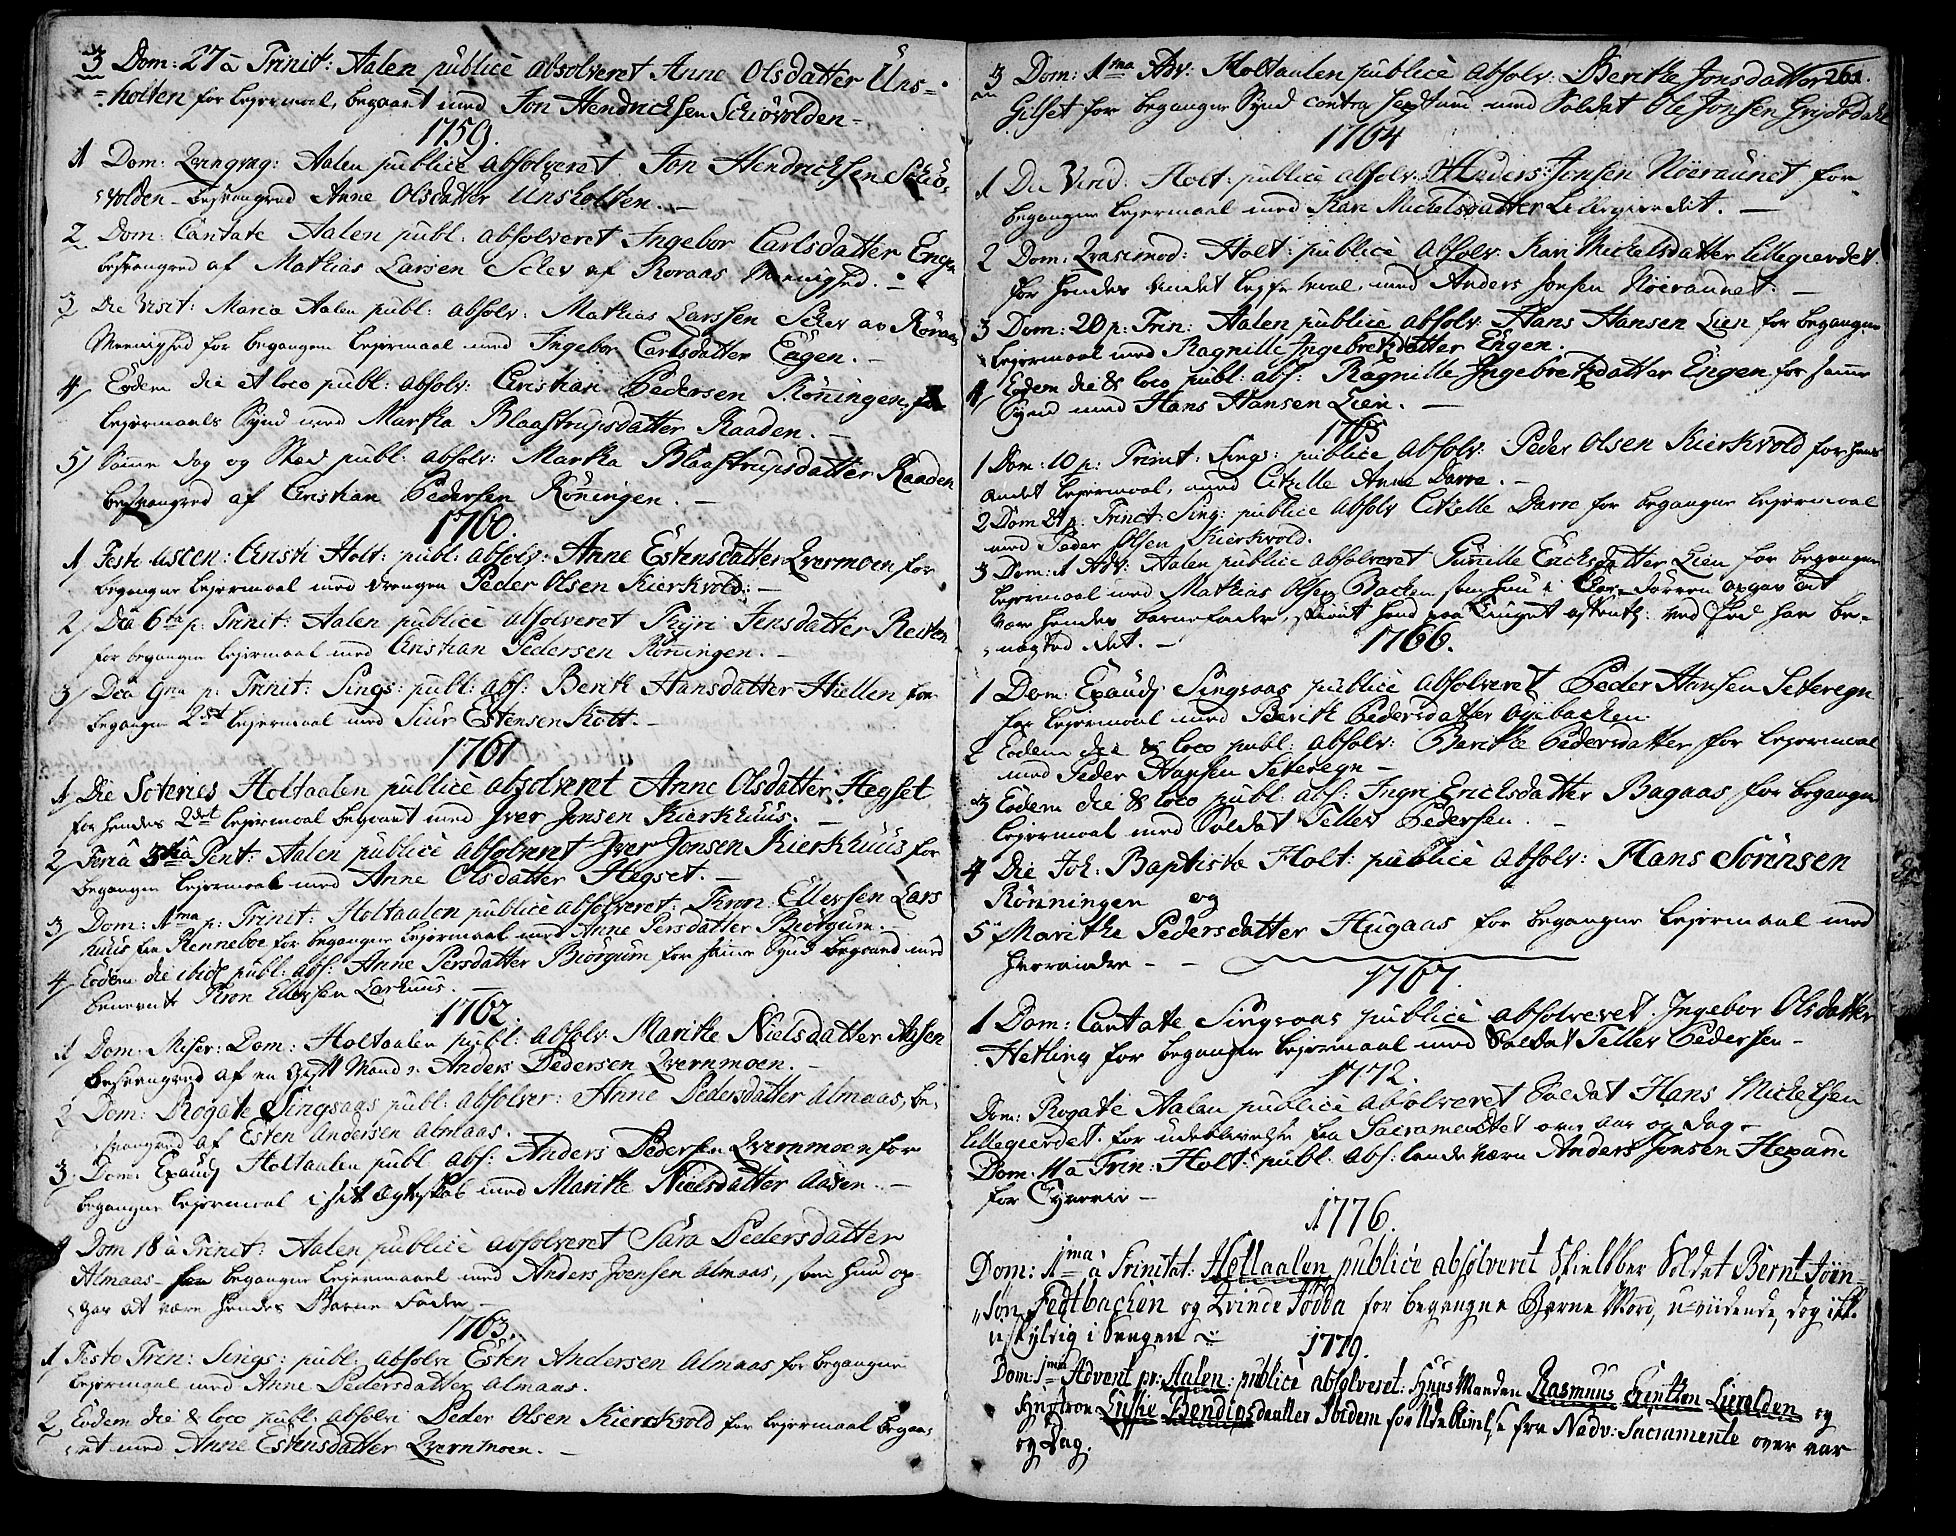 SAT, Ministerialprotokoller, klokkerbøker og fødselsregistre - Sør-Trøndelag, 685/L0952: Ministerialbok nr. 685A01, 1745-1804, s. 261